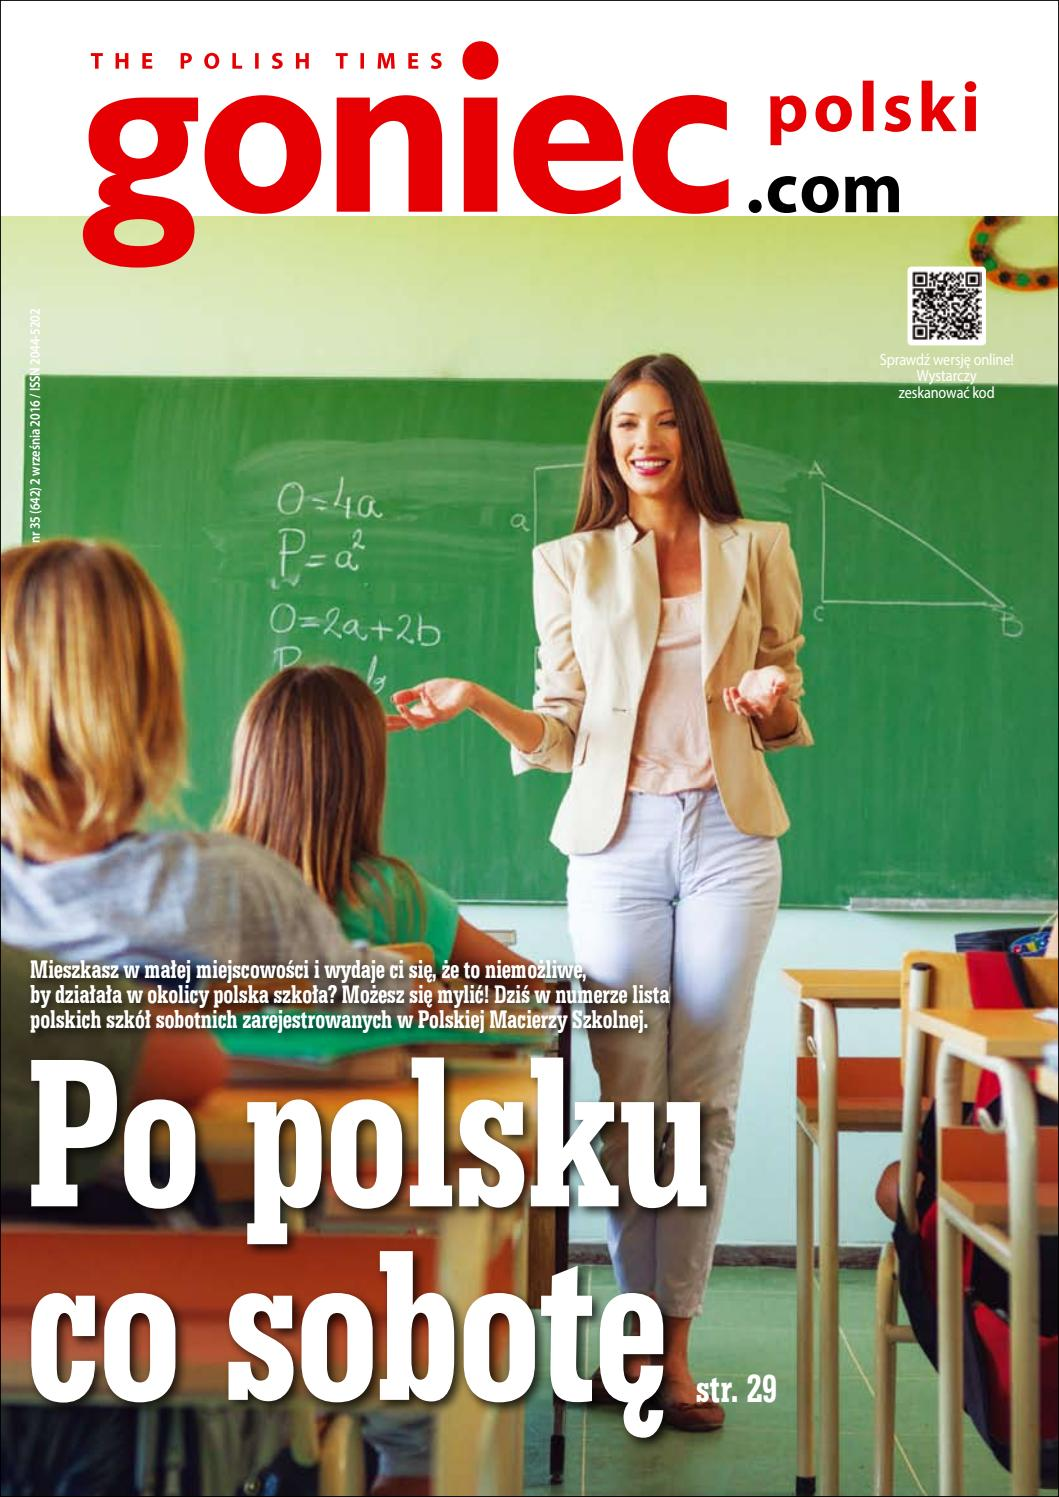 ^ Goniec Polski wyd. 640 by Goniec Polski - issuu